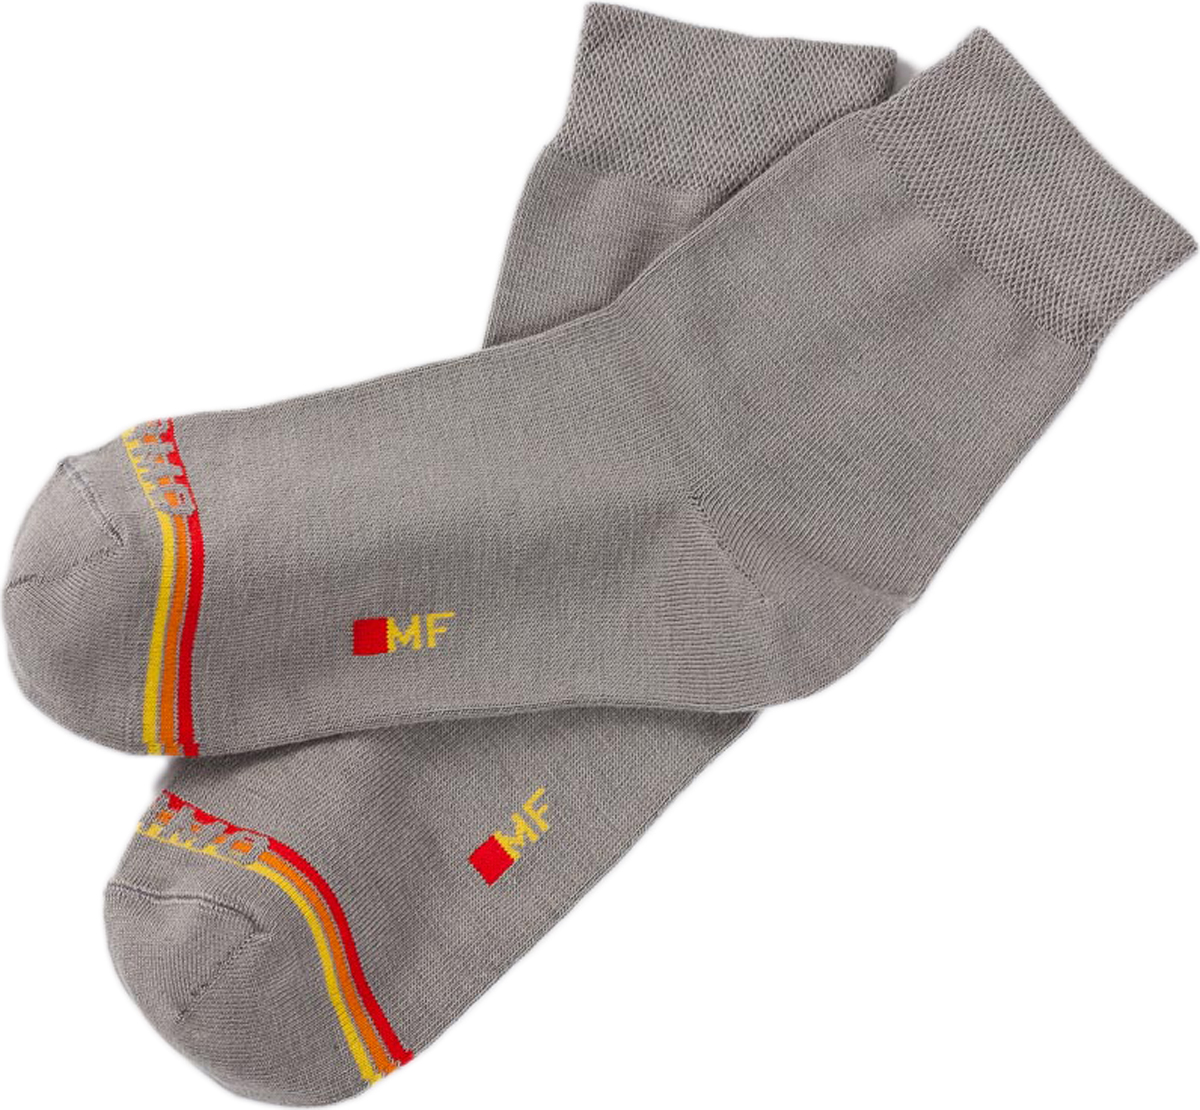 Термоноски женские Mark Formelle, цвет: серый. 350T-013. Размер 36/37350T-013Удобные термоноски от Mark Formelle, изготовленные из термосырья с добавлением вискозы, полиамида и эластана, очень мягкие и приятные на ощупь, позволяют коже дышать. Эластичная резинка плотно облегает ногу, не сдавливая ее, обеспечивая комфорт и удобство.